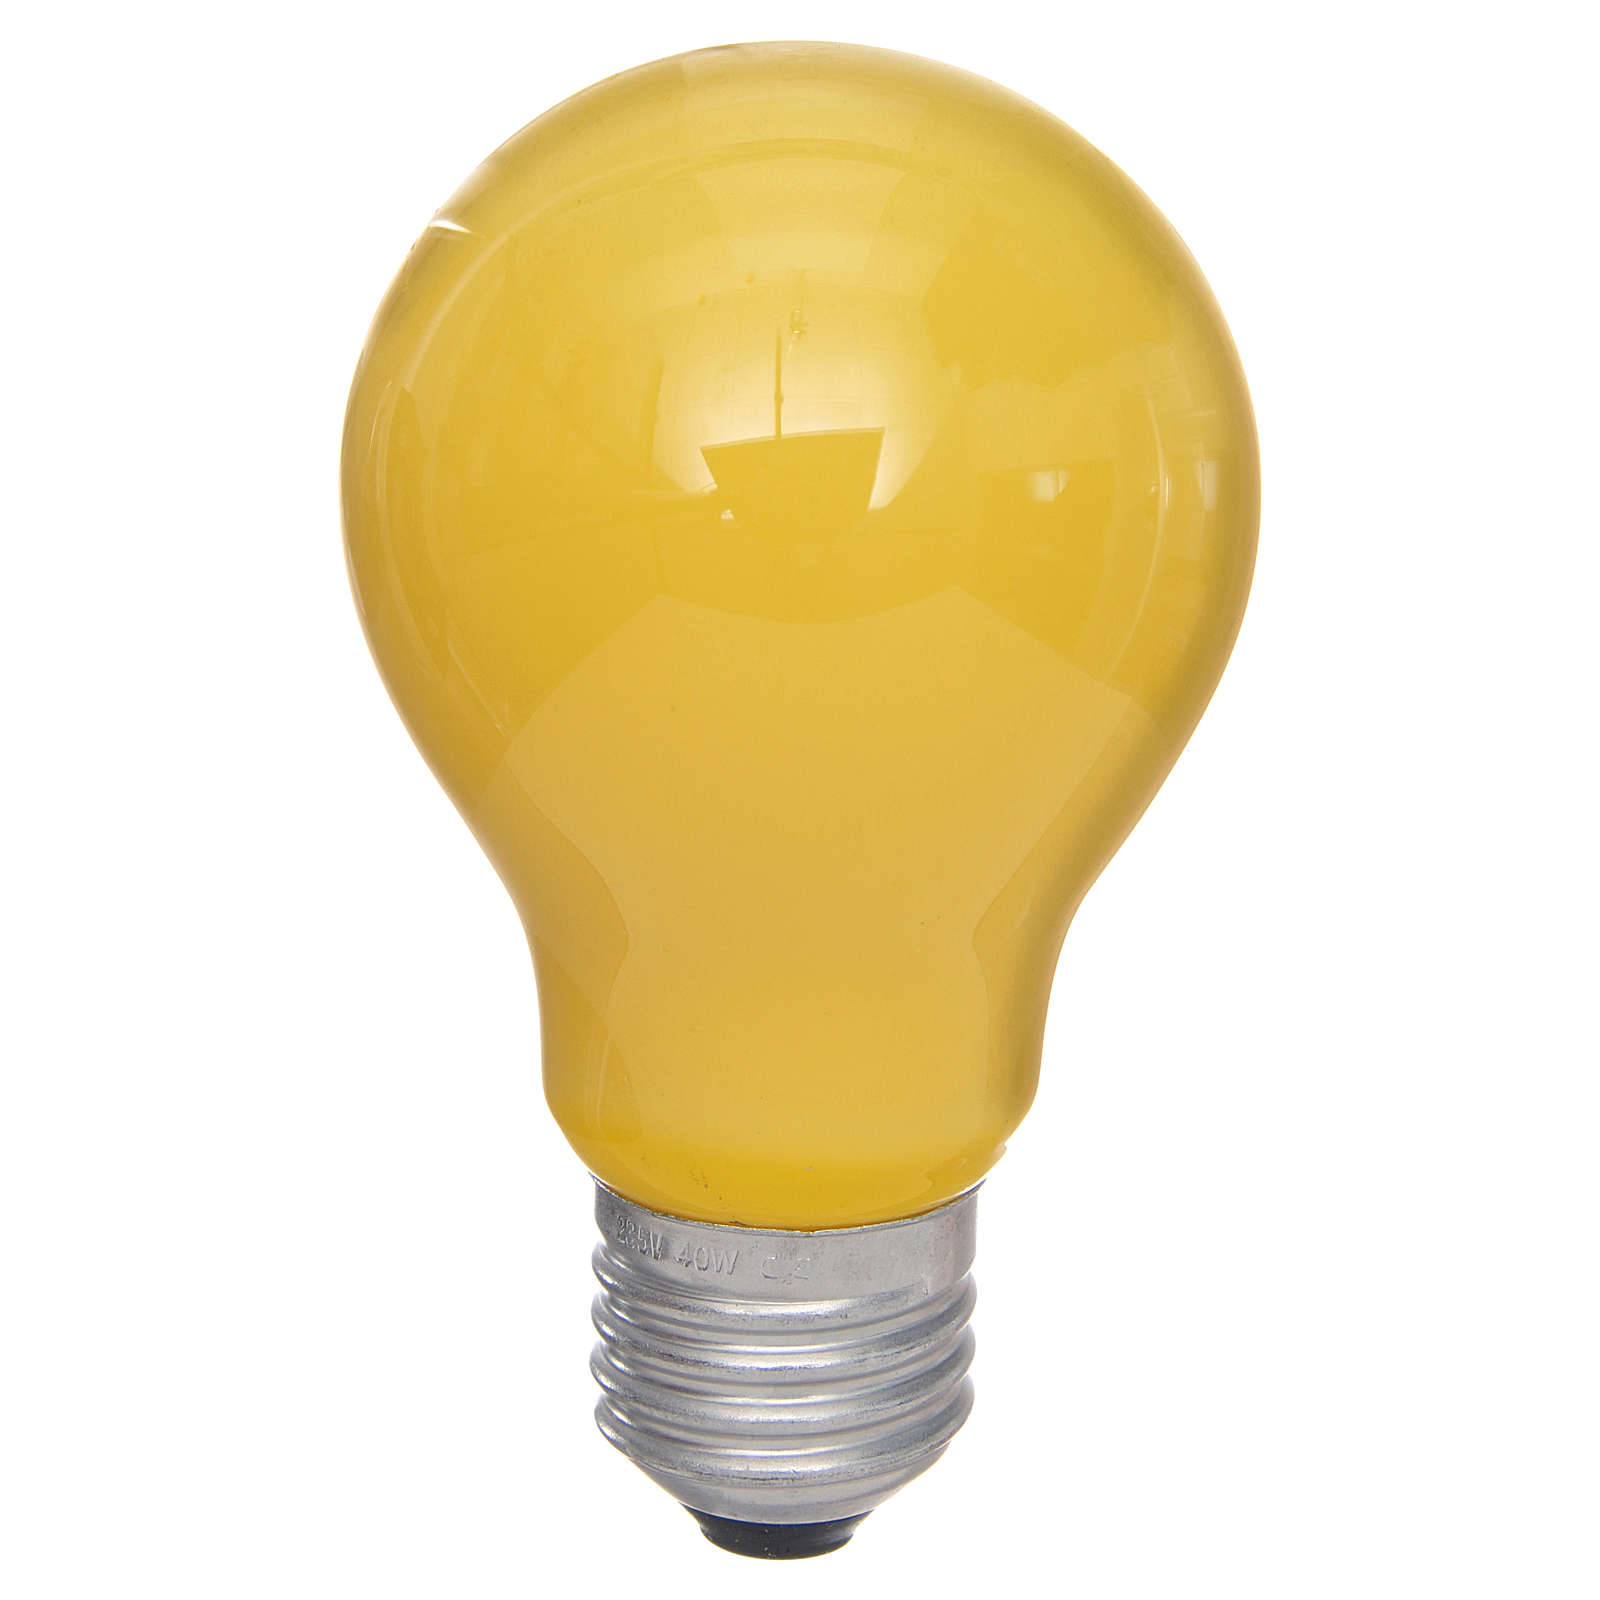 Lampada 40W gialla E27 per illuminazione presepi 4